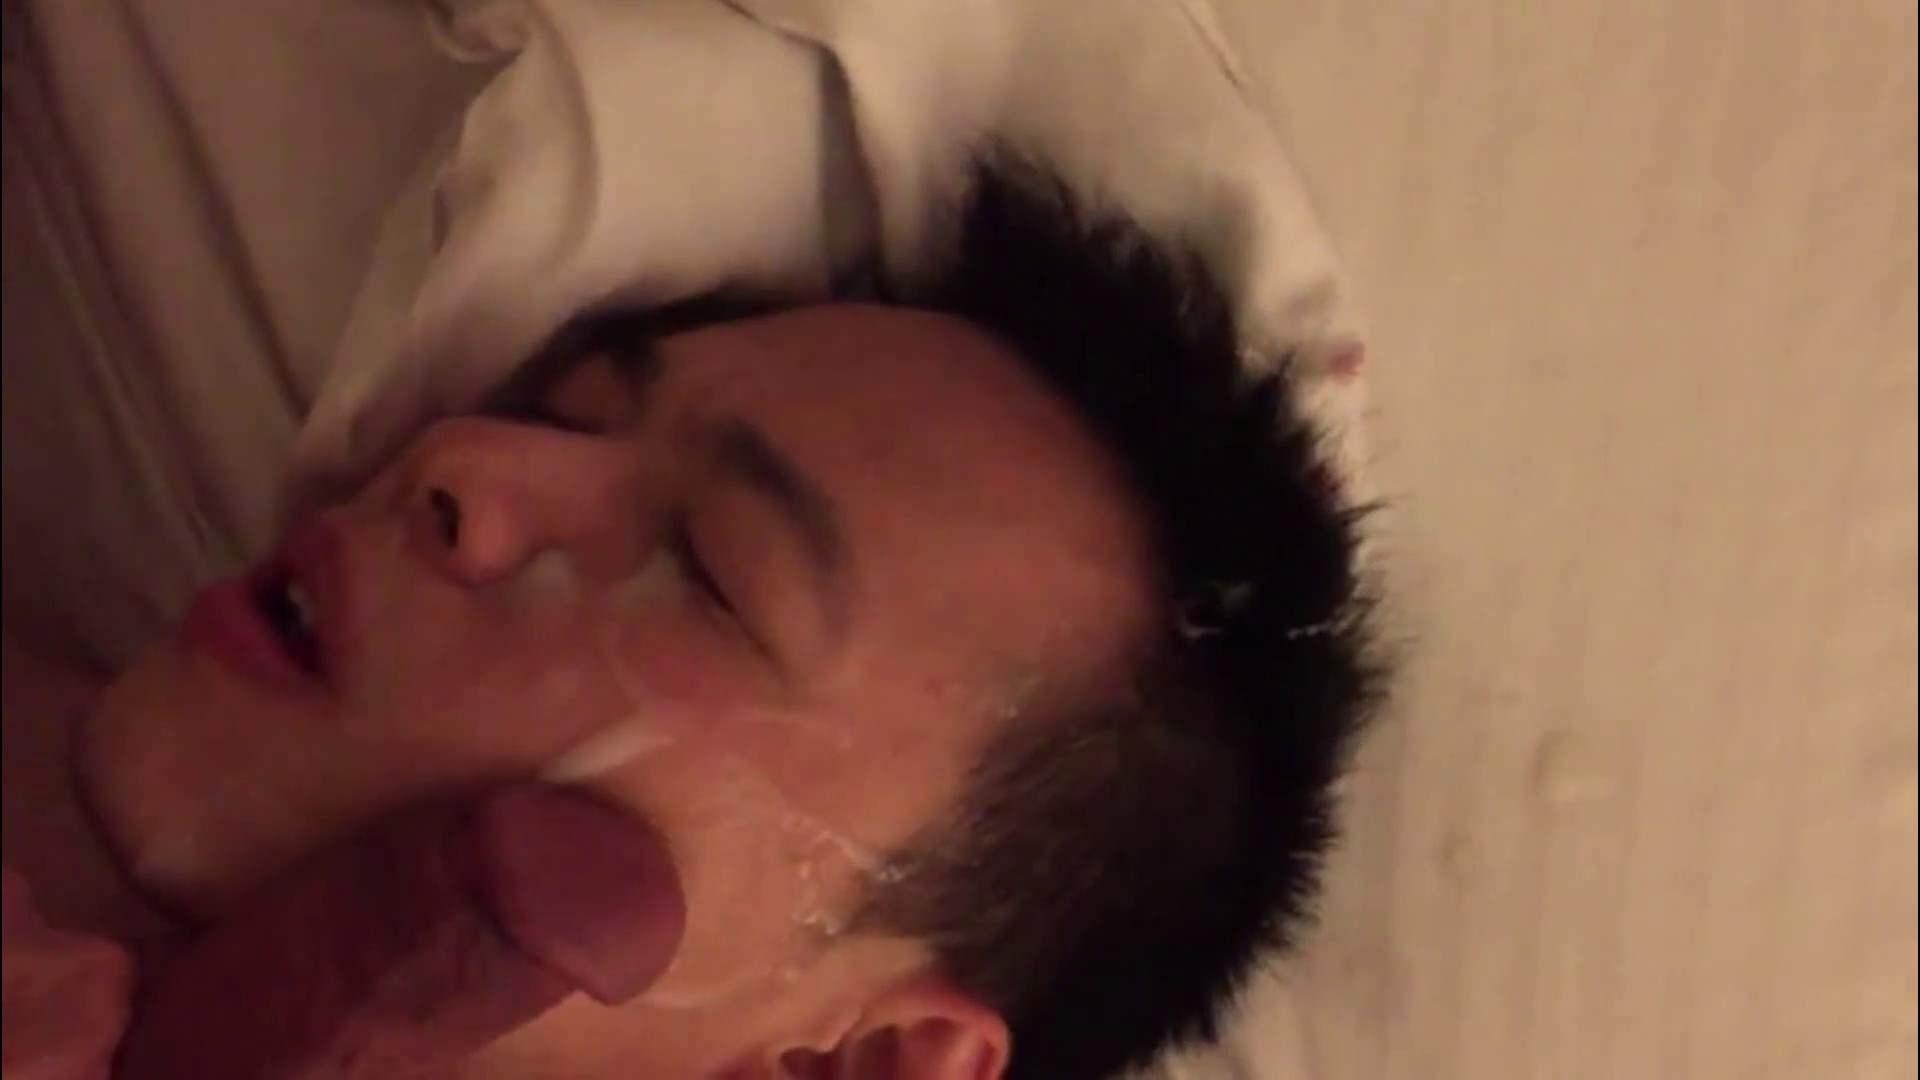 エロいフェラシーンをピックアップvol43 男どうし | 手コキ ゲイ無料無修正画像 108pic 101